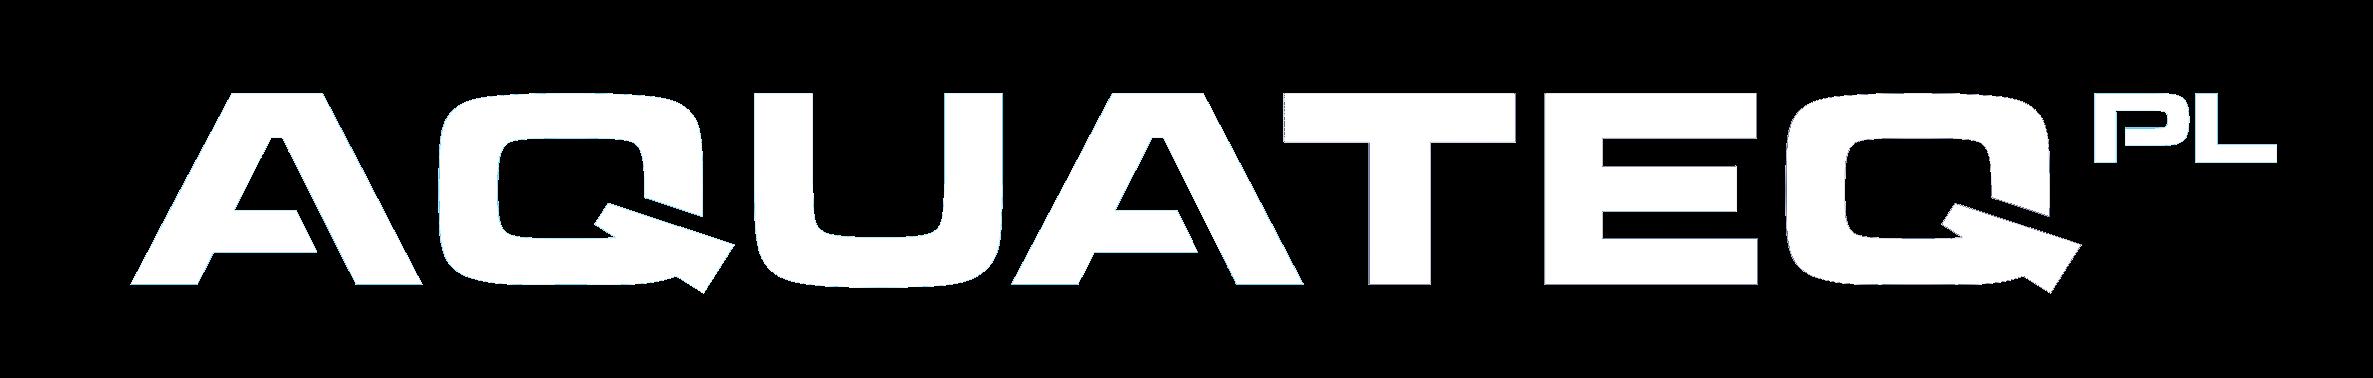 Aquateq